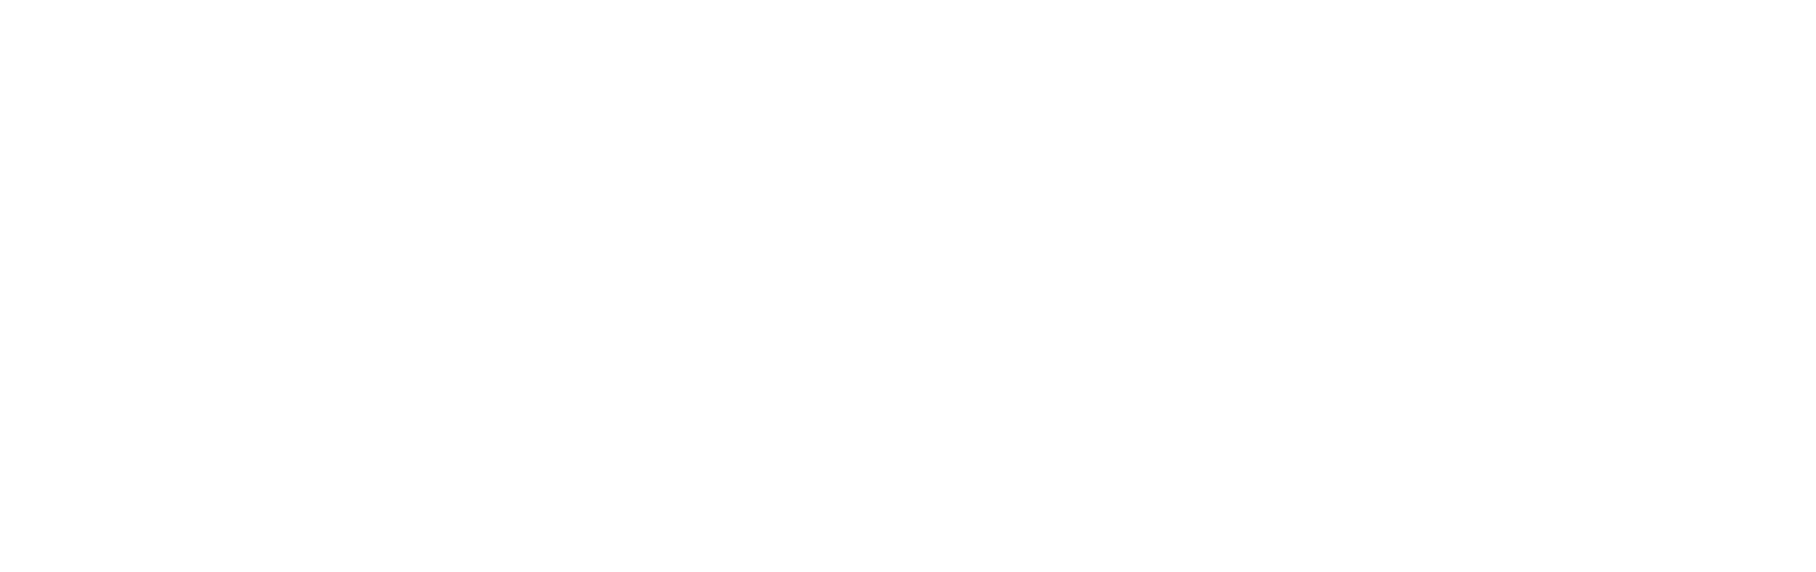 Xeim: Excellence in marketing – Centaur Media